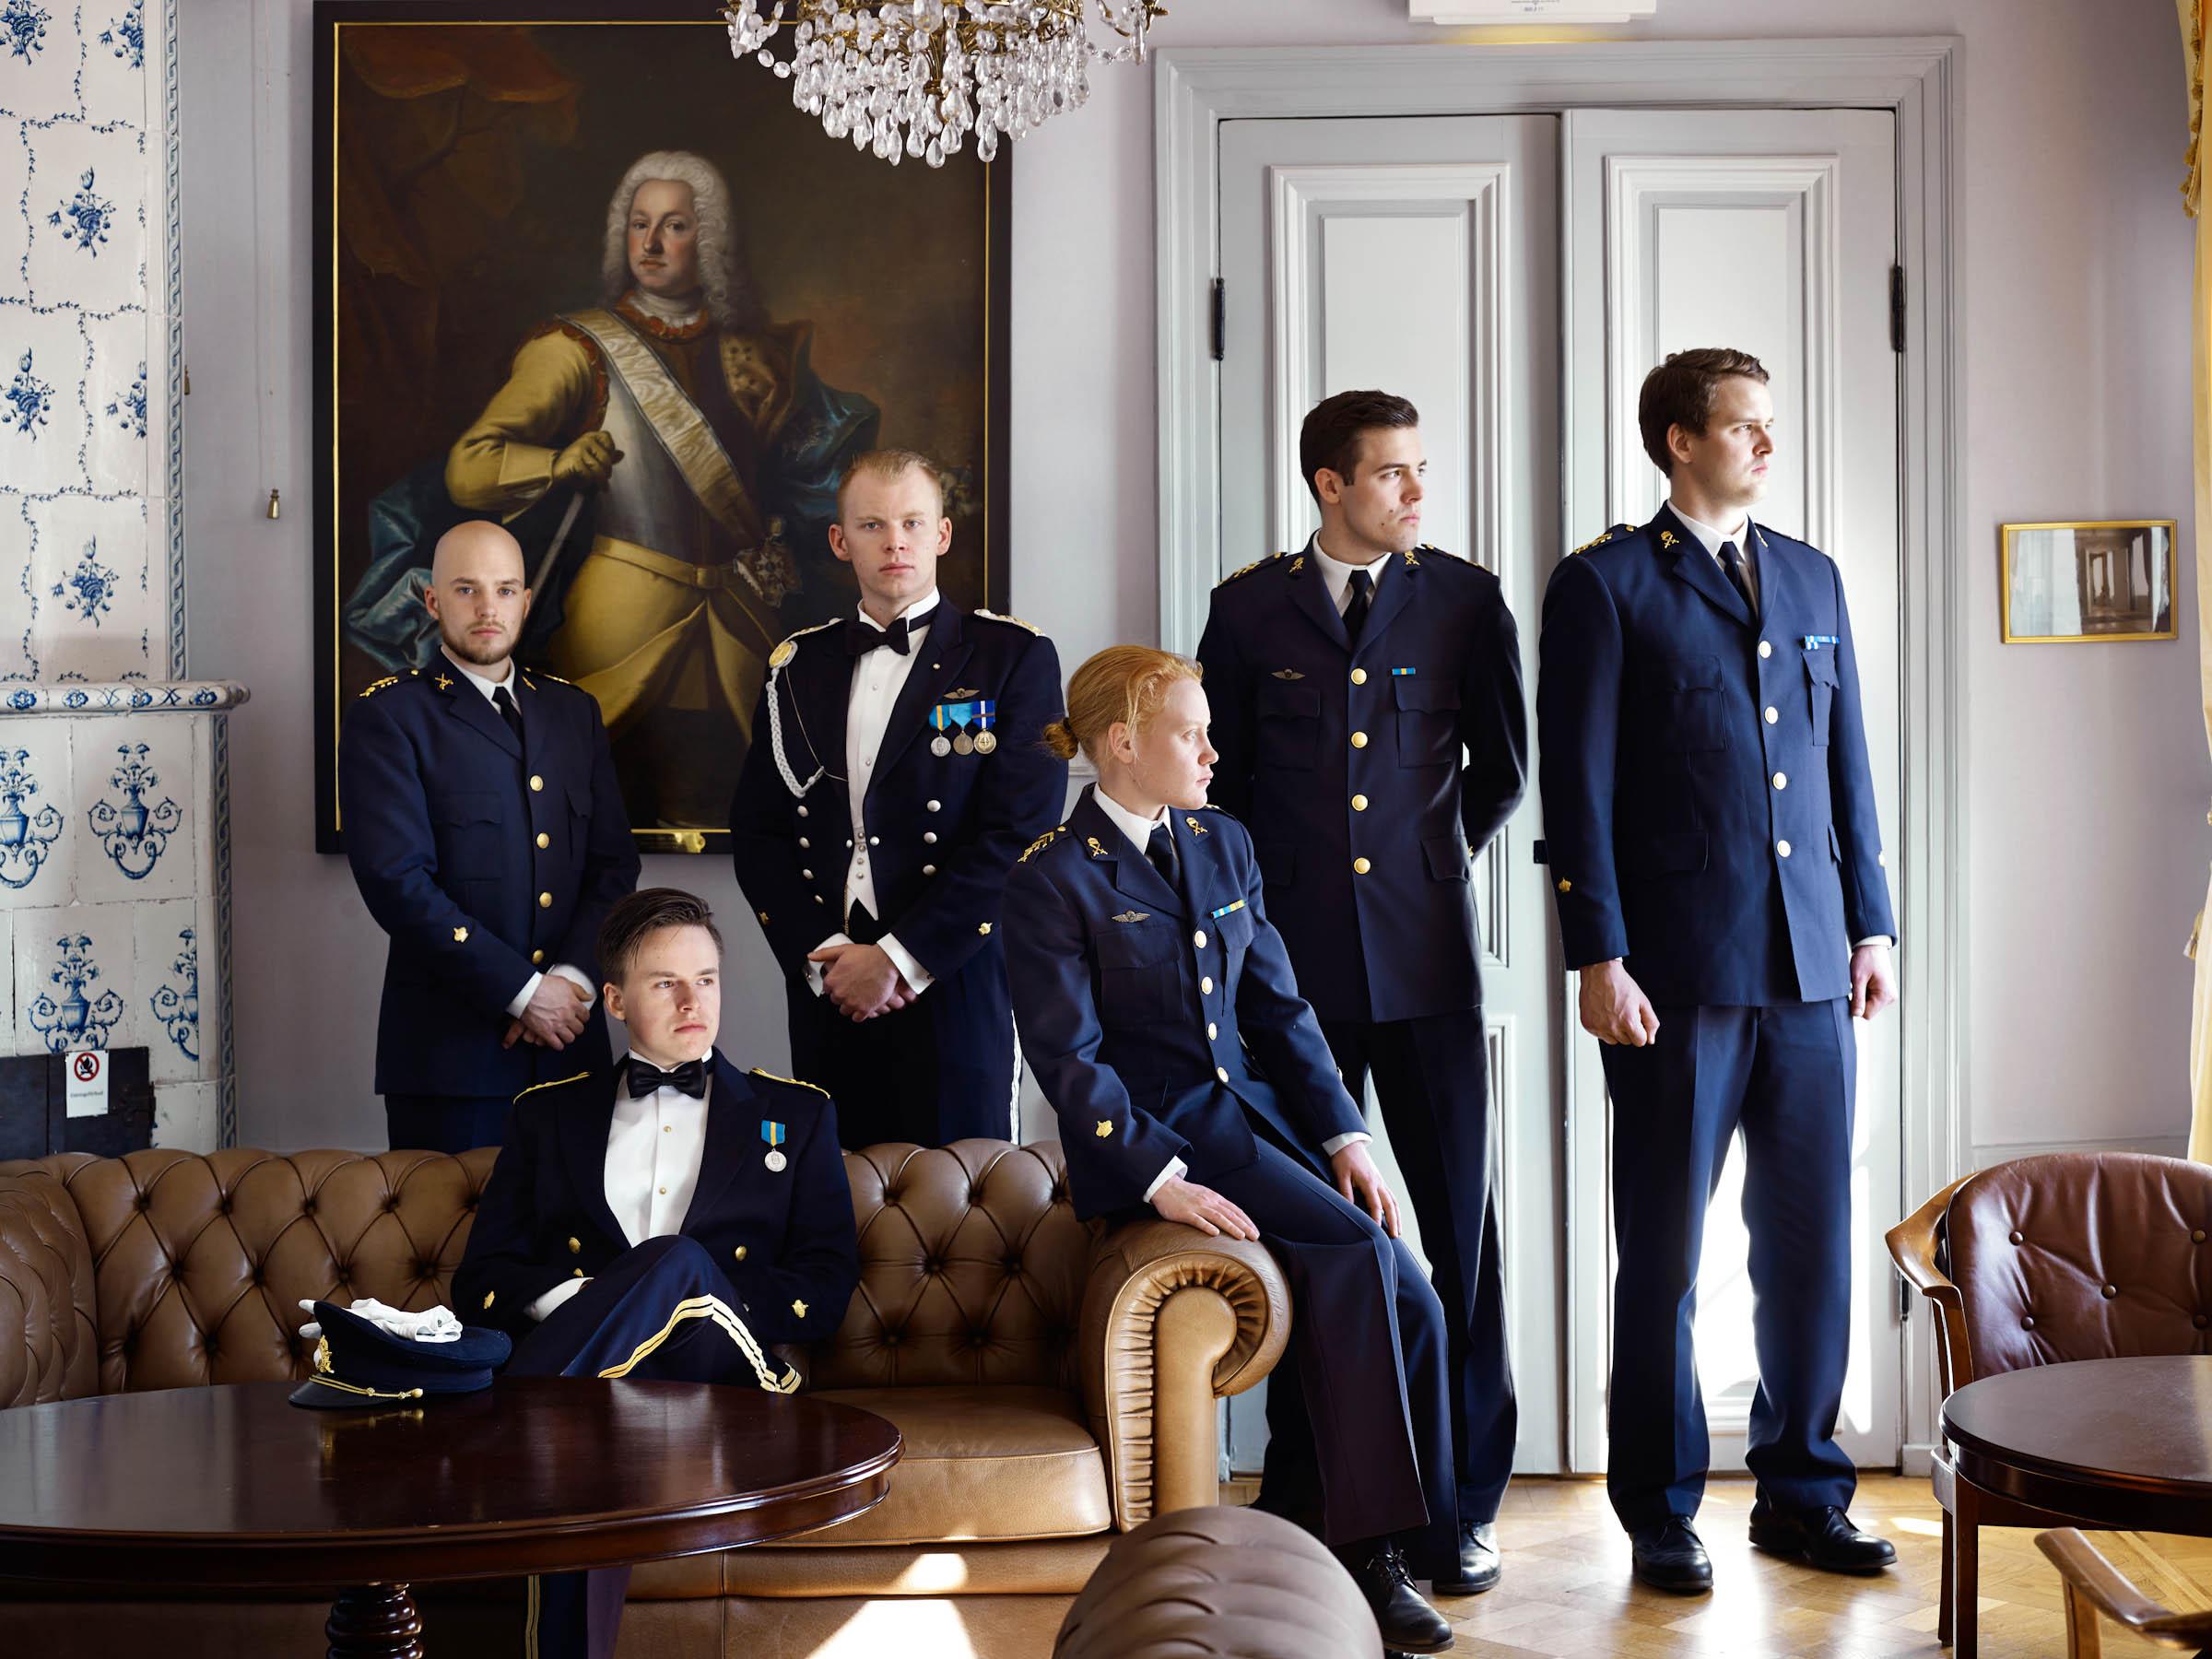 """Paolo Verzone """"Cadetti"""". Karlberg Military Academy, Stoccolma Svezia"""